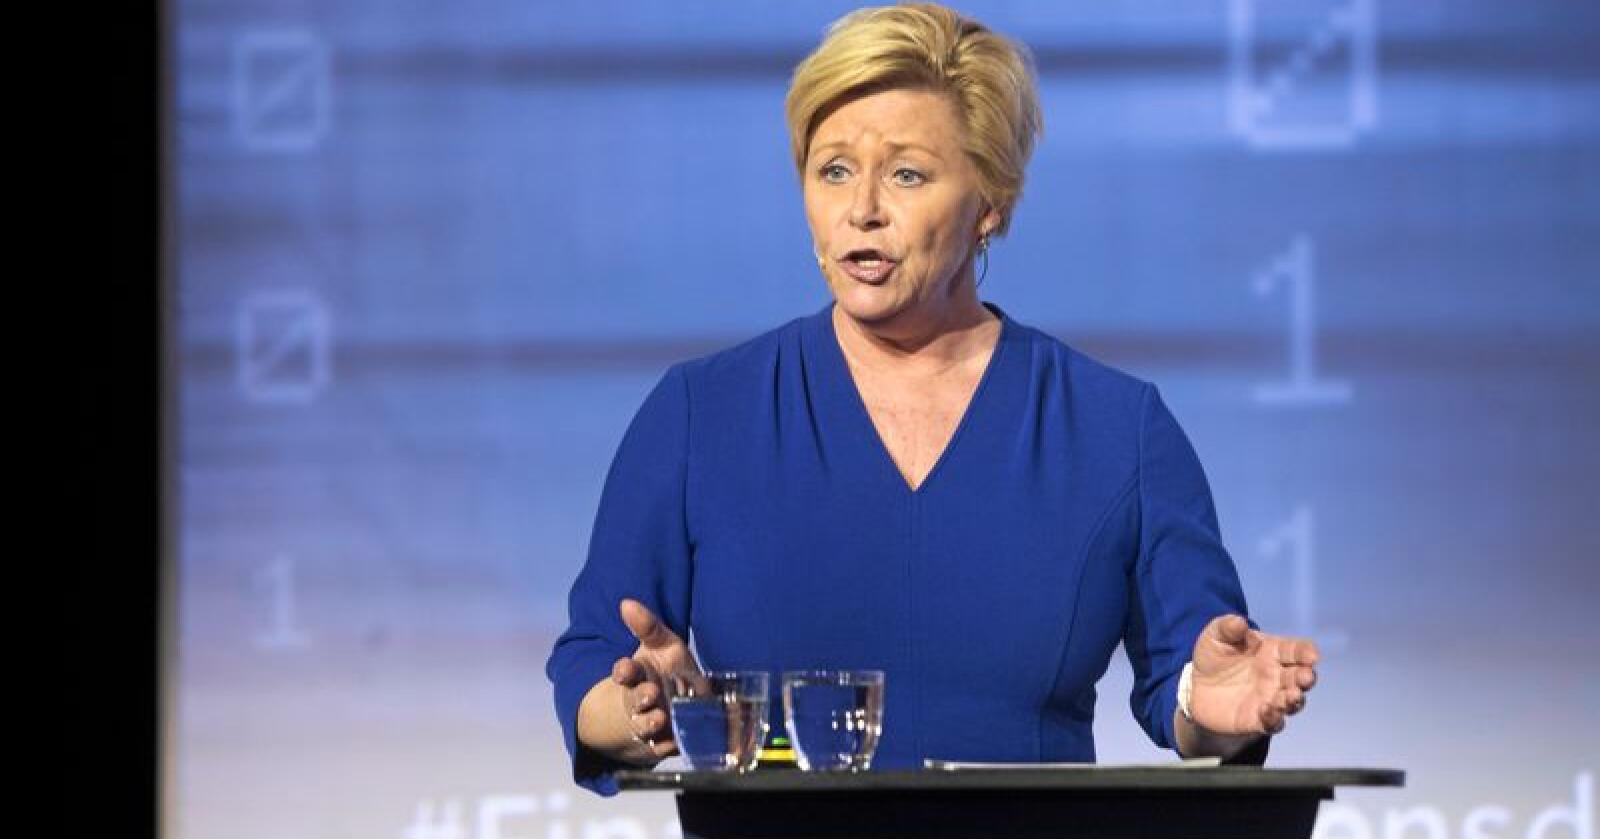 Finansminister Siv Jensen vil bruke mer oljepenger. Foto: Terje Bendiksby / NTB scanpix